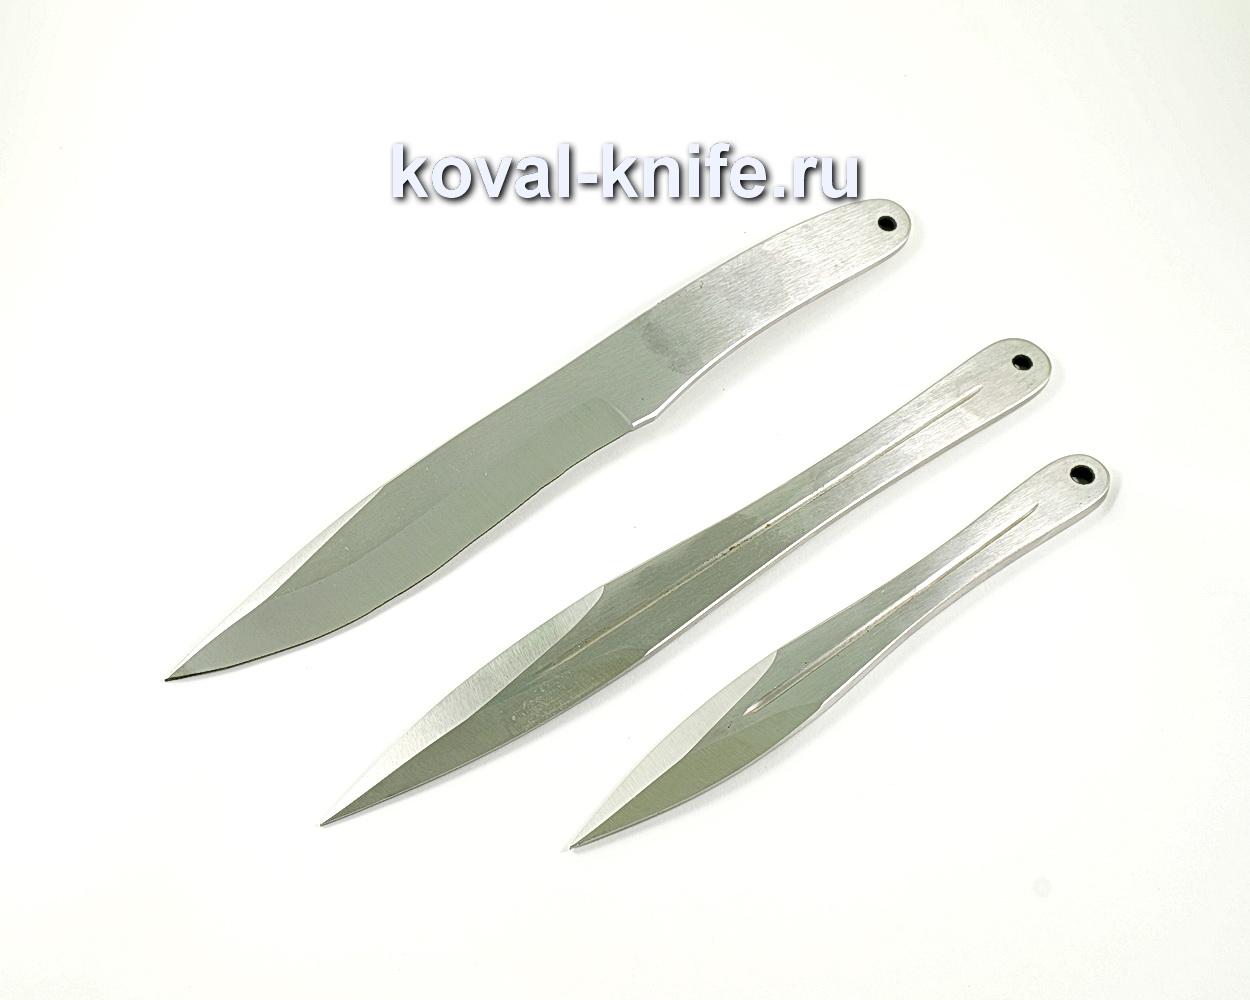 Набор метательных ножей «Вымпел, горец, мини горец» A193